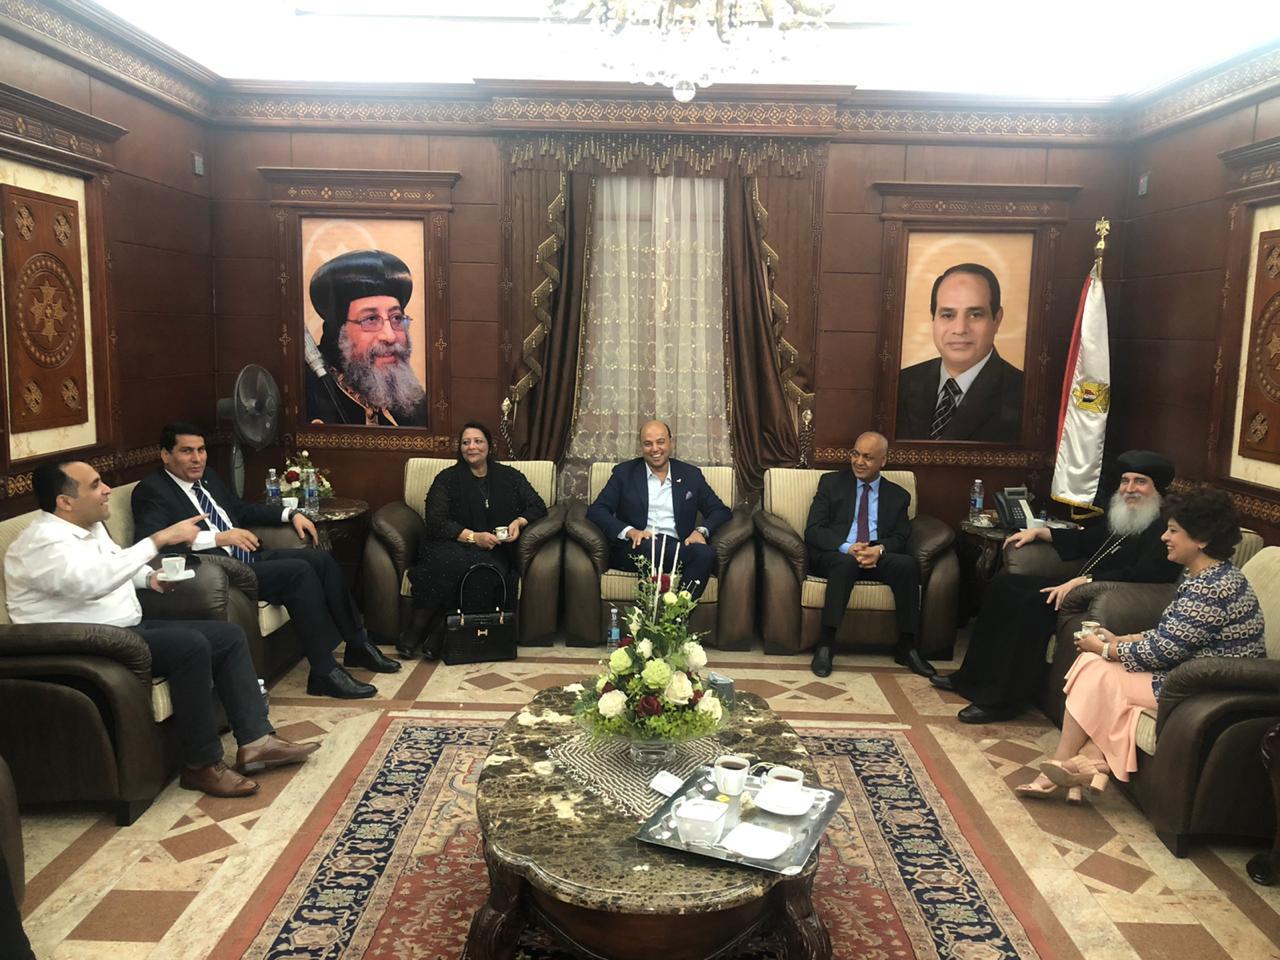 مرشحو القائمة الوطنية من أجل مصر يلتقون بنيافة الأنبا غبريال مطران بني سويف